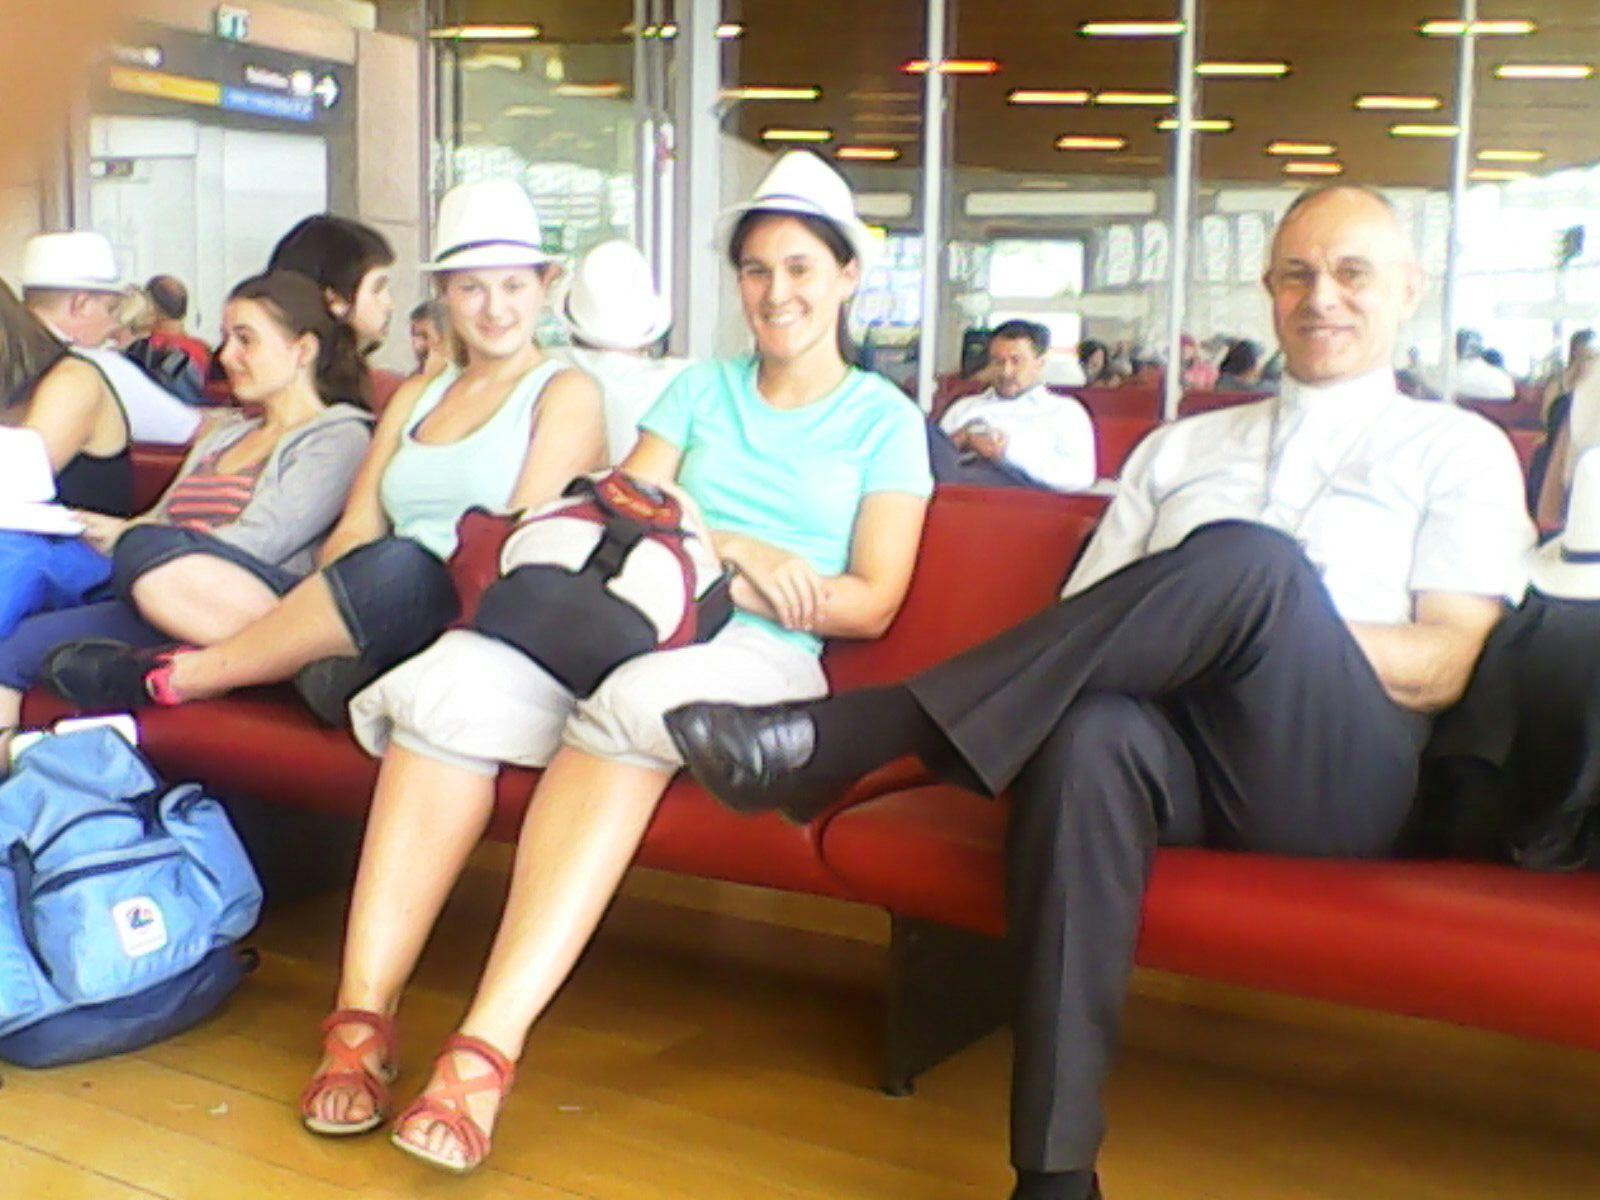 Col vescovo all'aeroporto